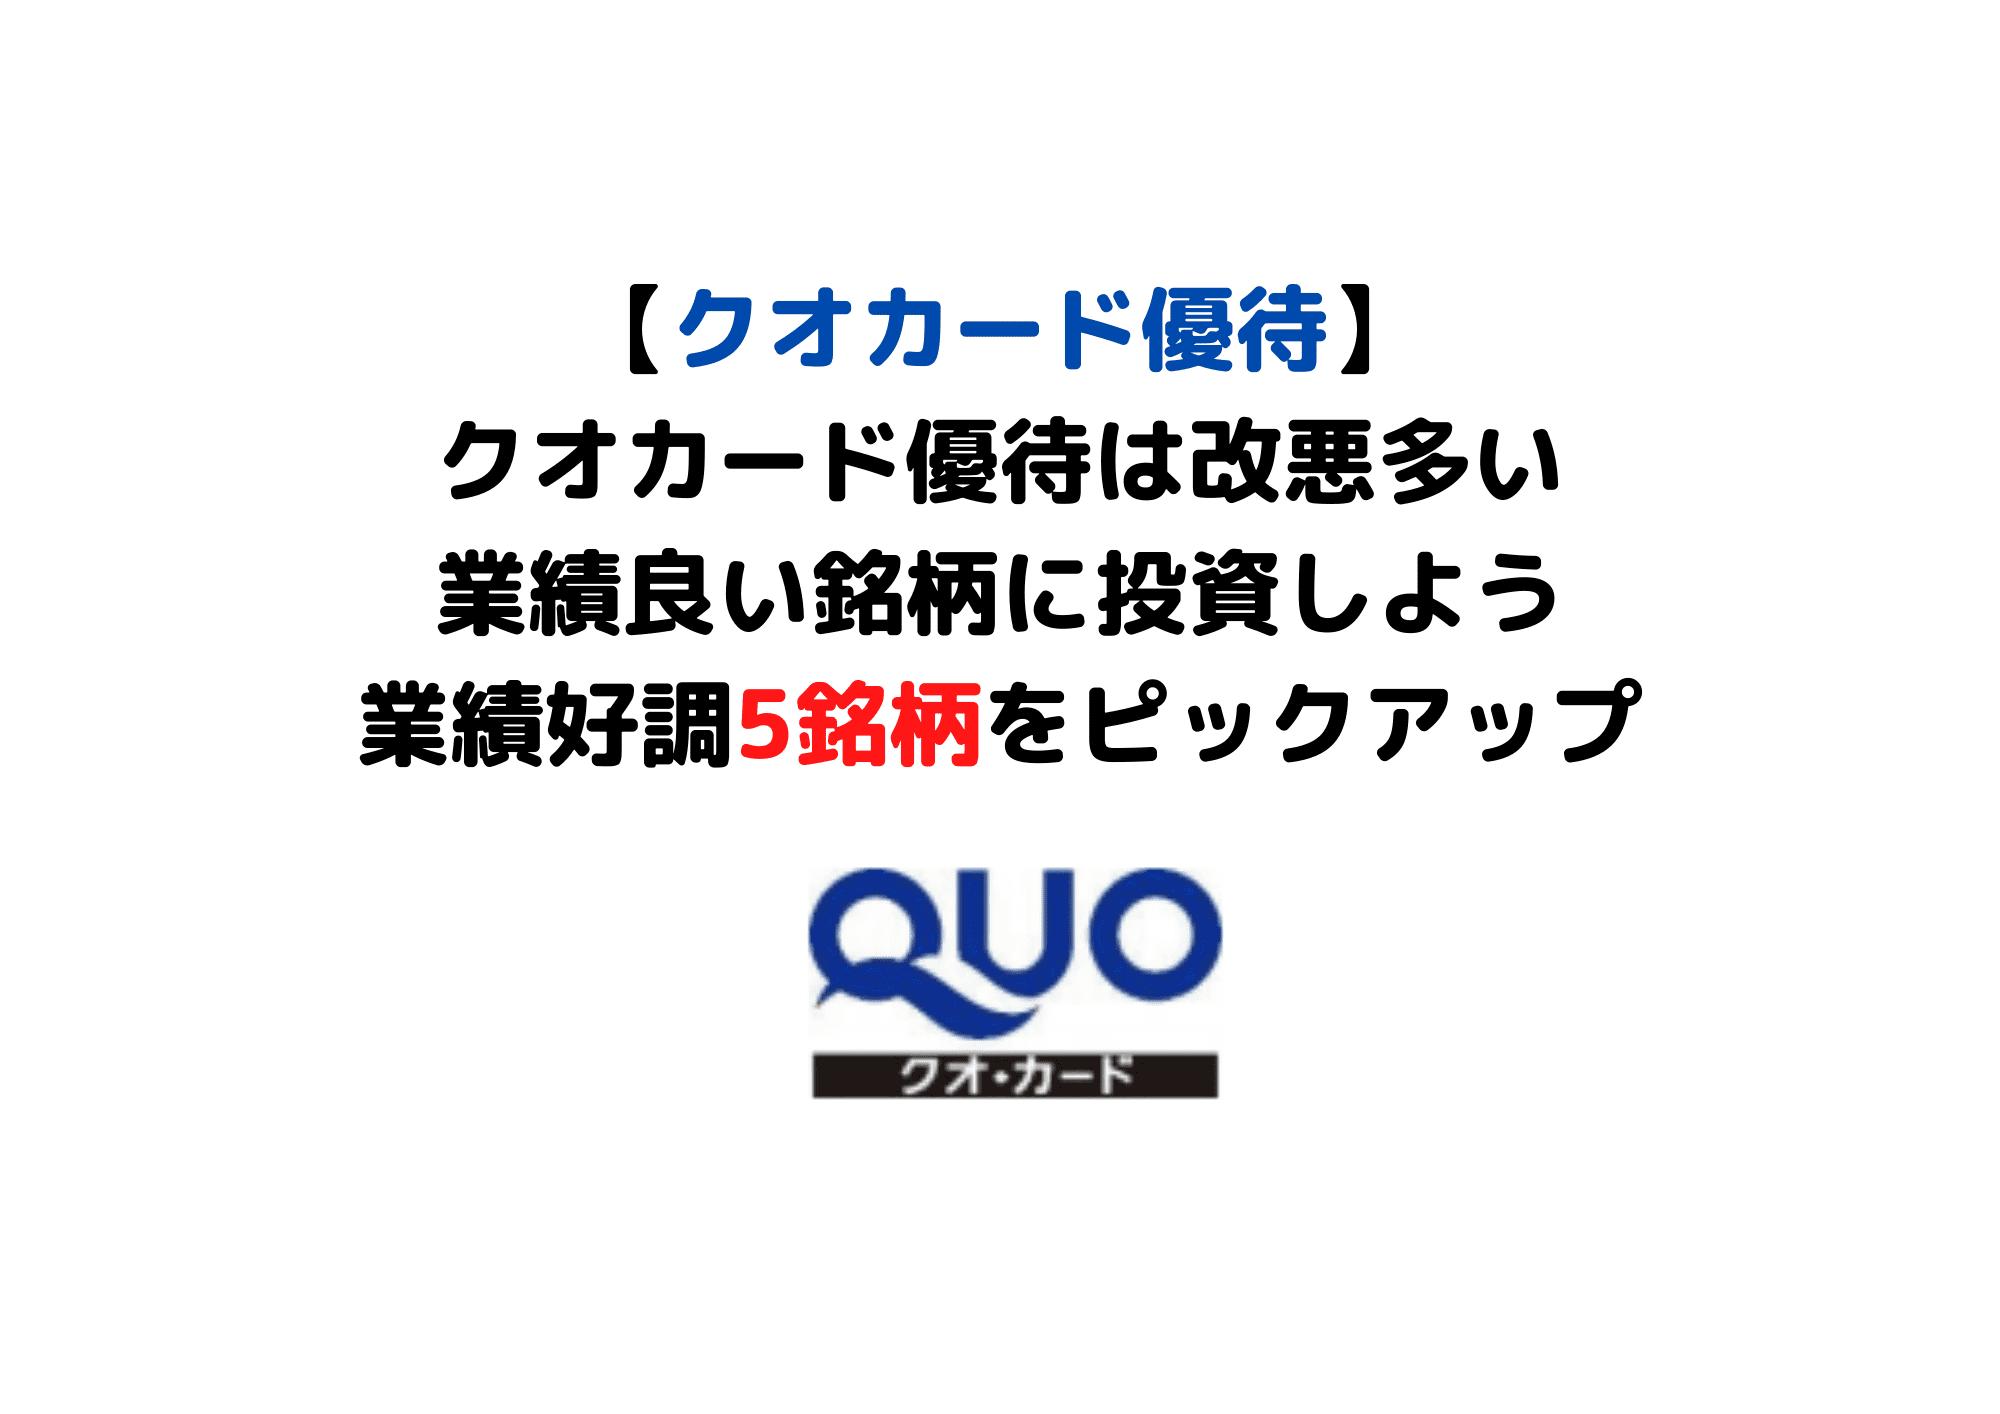 クオカード優待 (1)